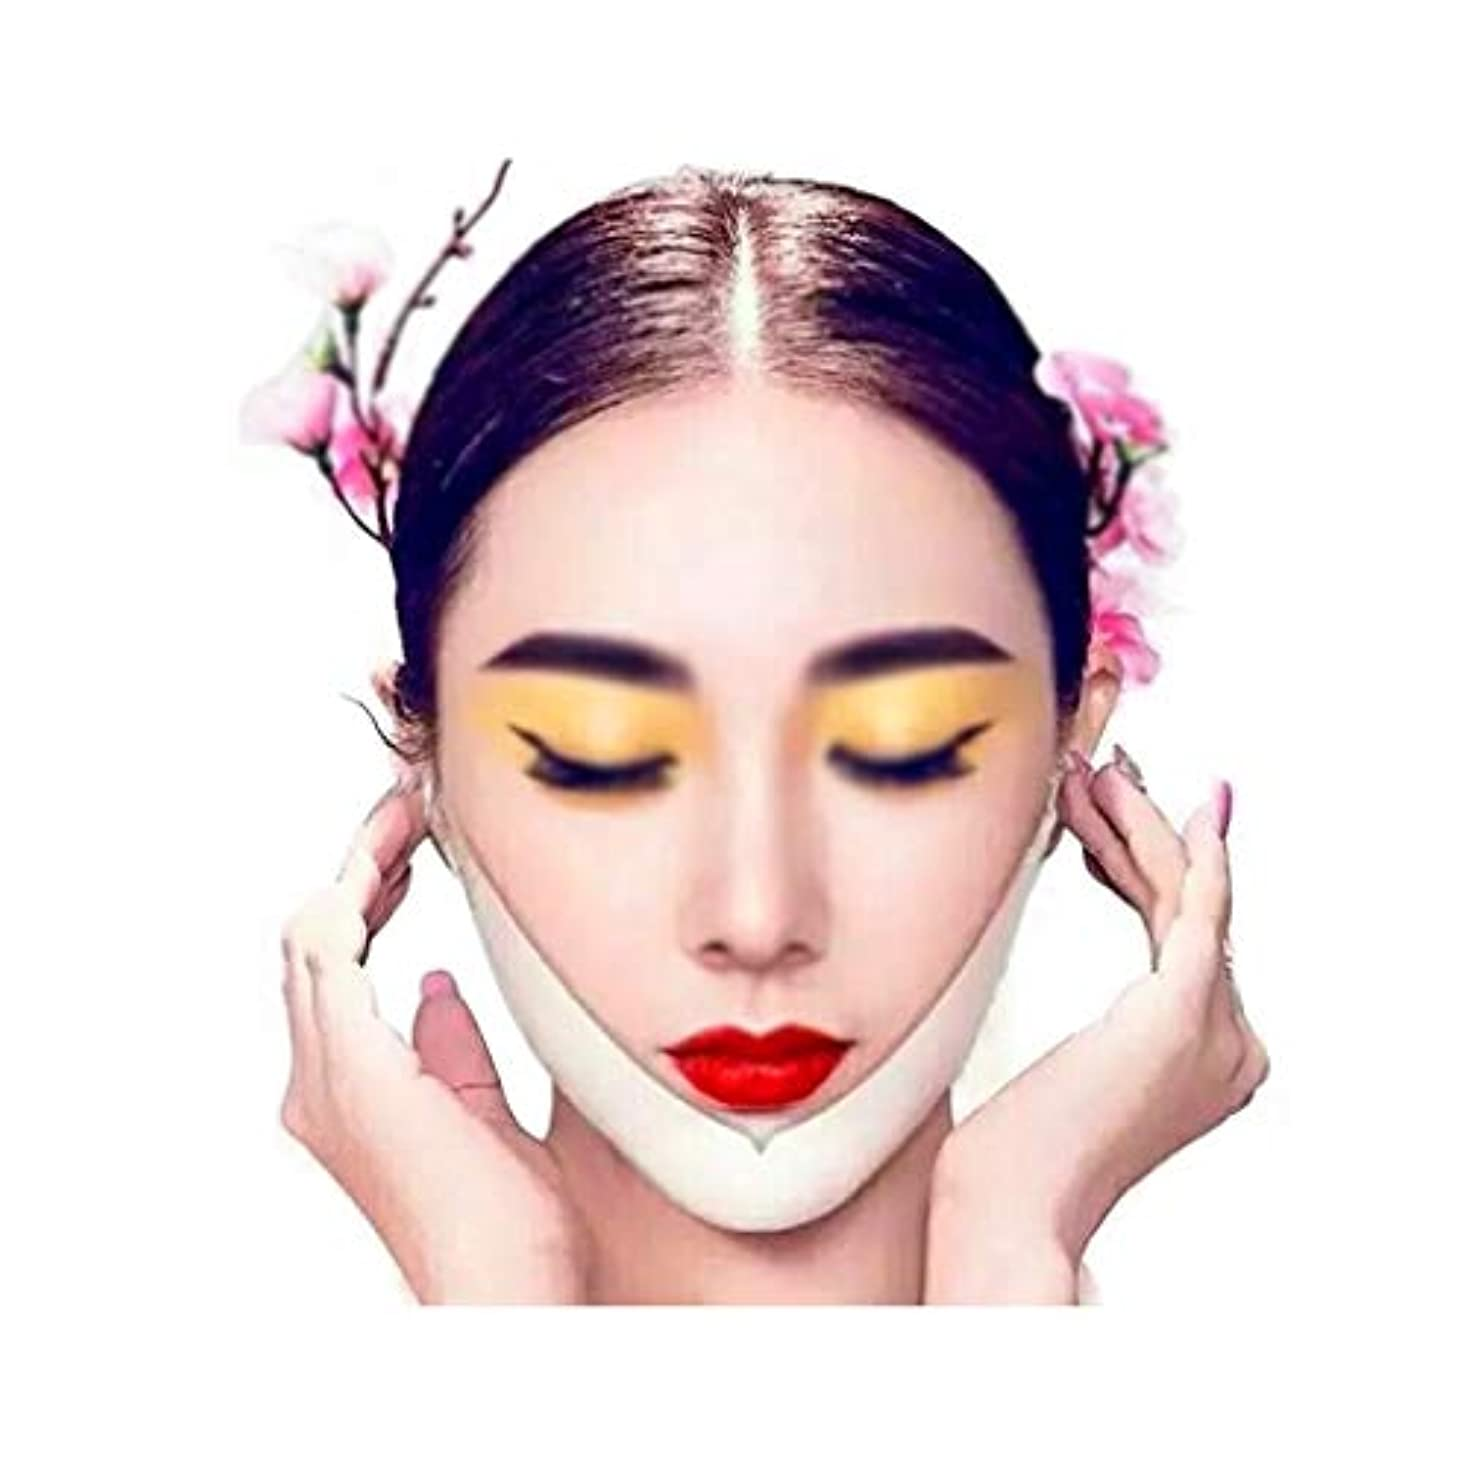 カウンタ電化する求めるXHLMRMJ 薄い顔のマスク、Vの顔の包帯、下顎の咬筋のあごを改善して顔のラインを形作る、5つのボックス、3つの顔のマスク